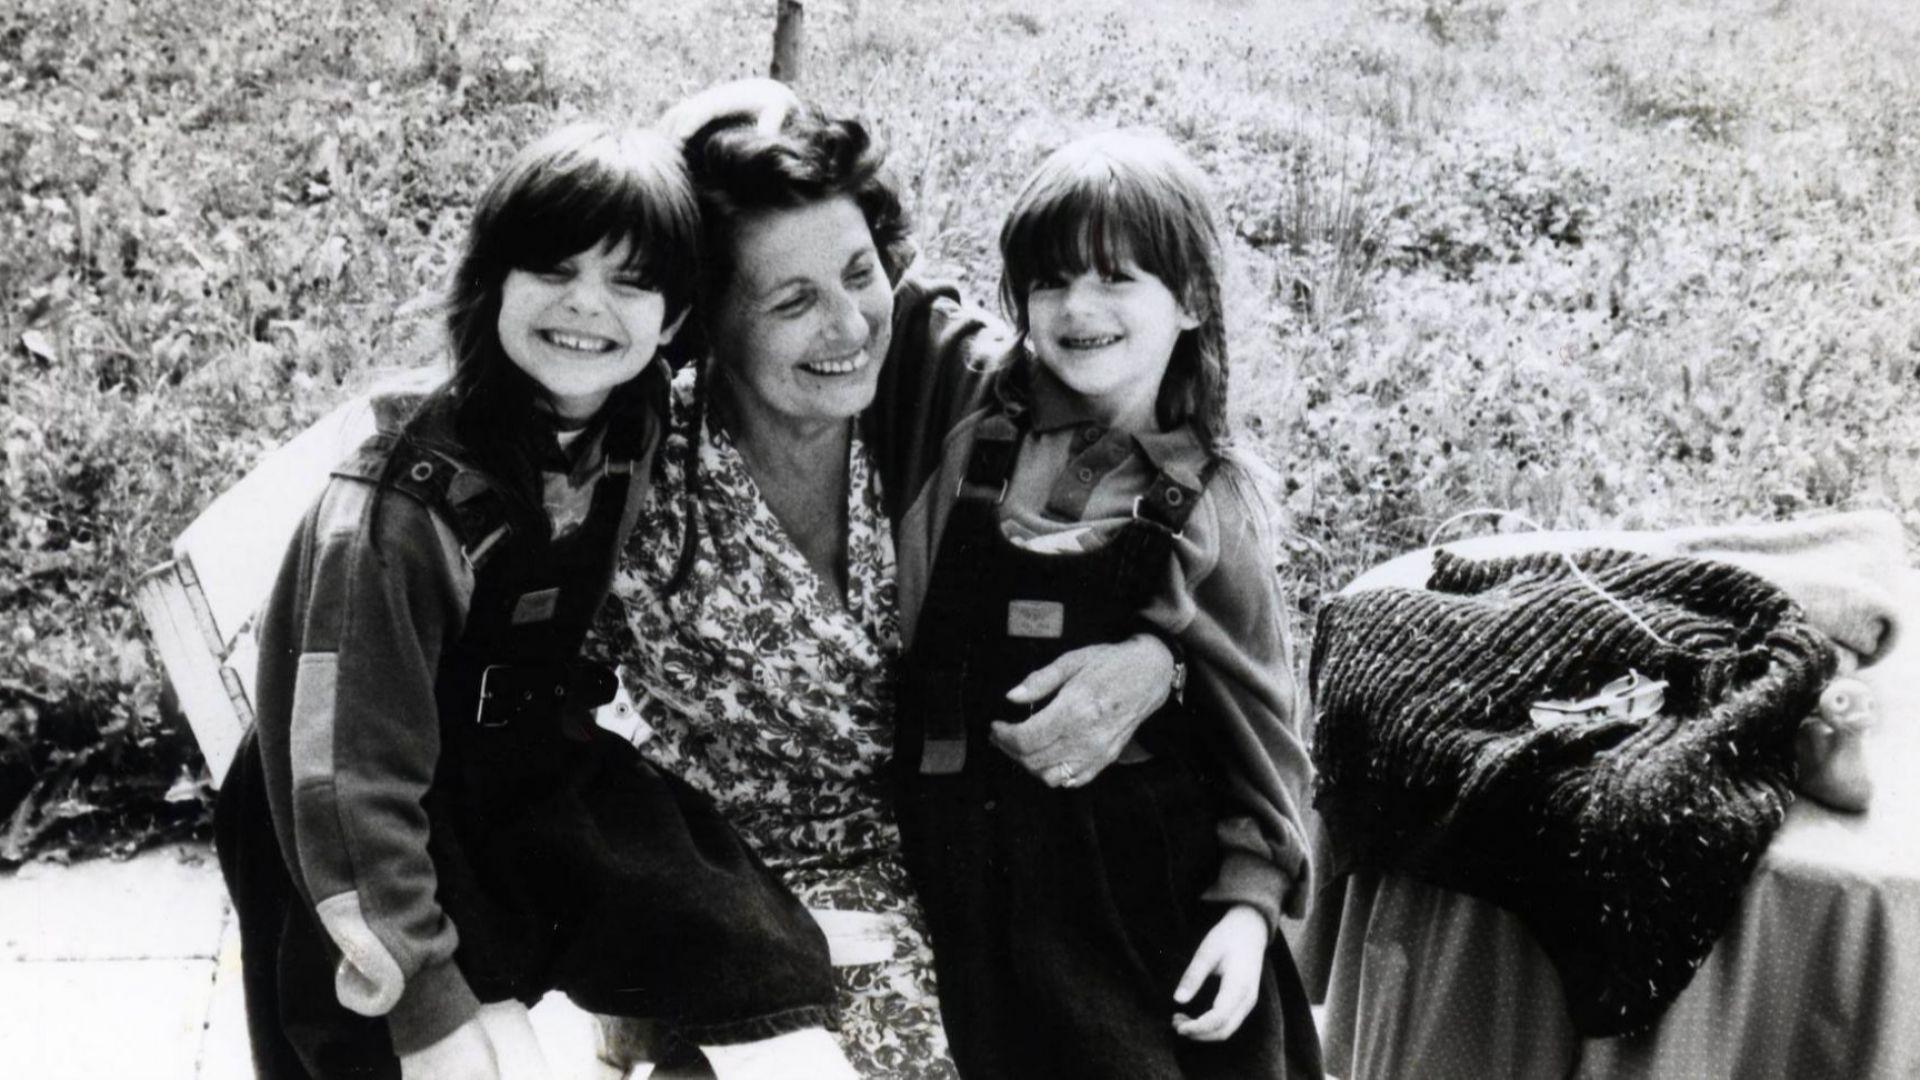 Майката на Камелия Тодорова и Арета Франклин си отидоха в един и същи ден